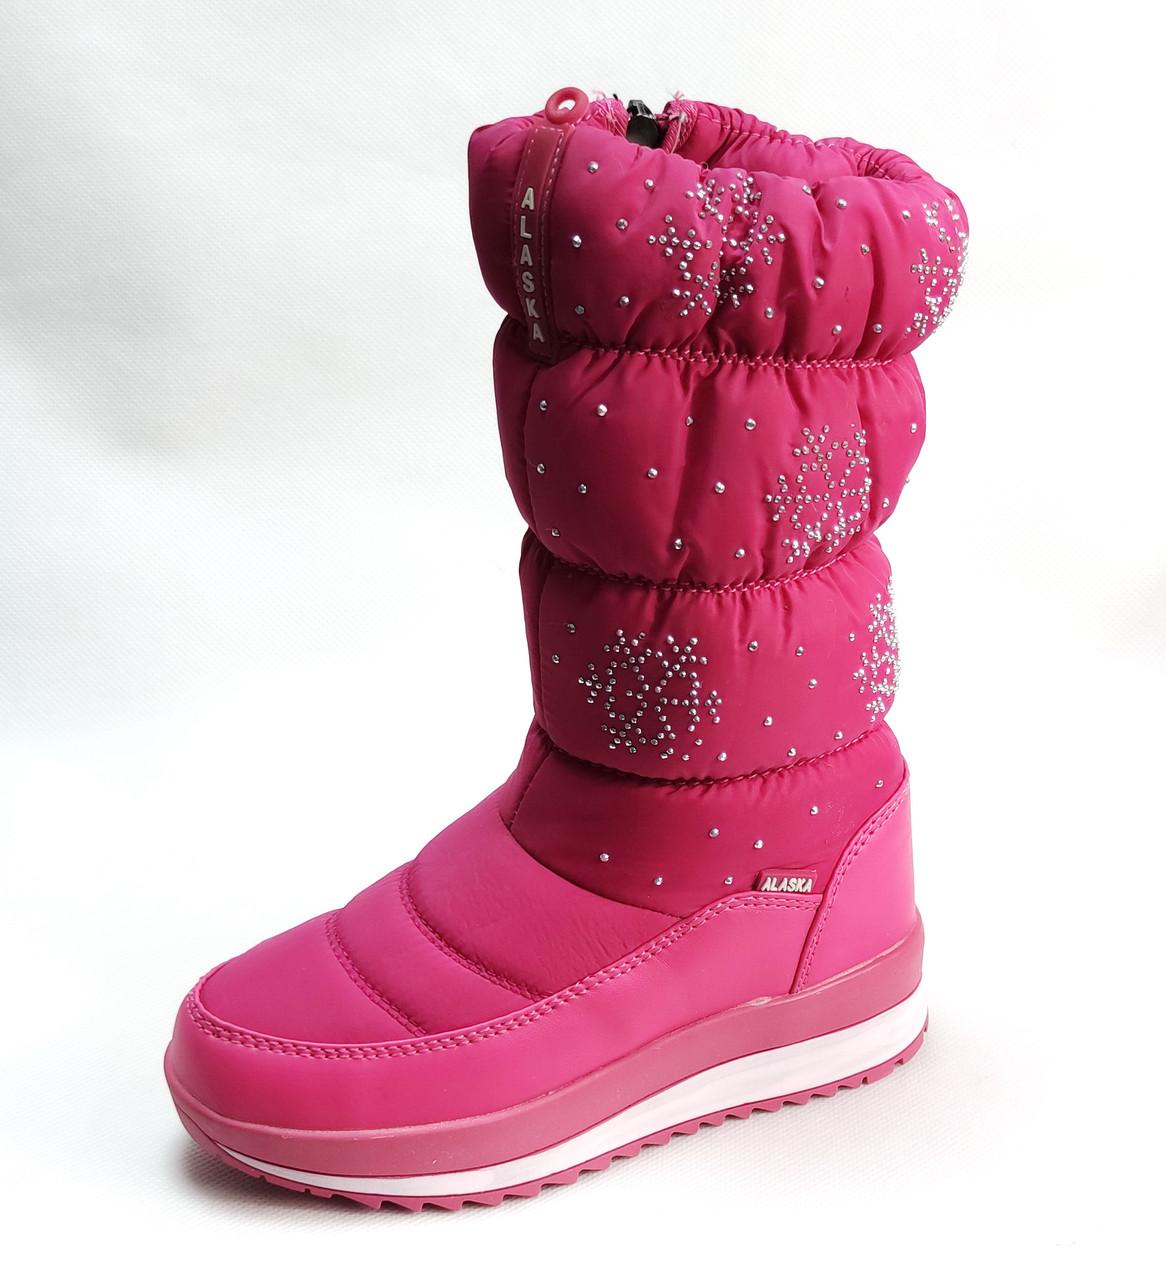 Детские подростковые дутики теплые зимние сапоги на зиму для девочки малиновые Alaska 35р 21,5см